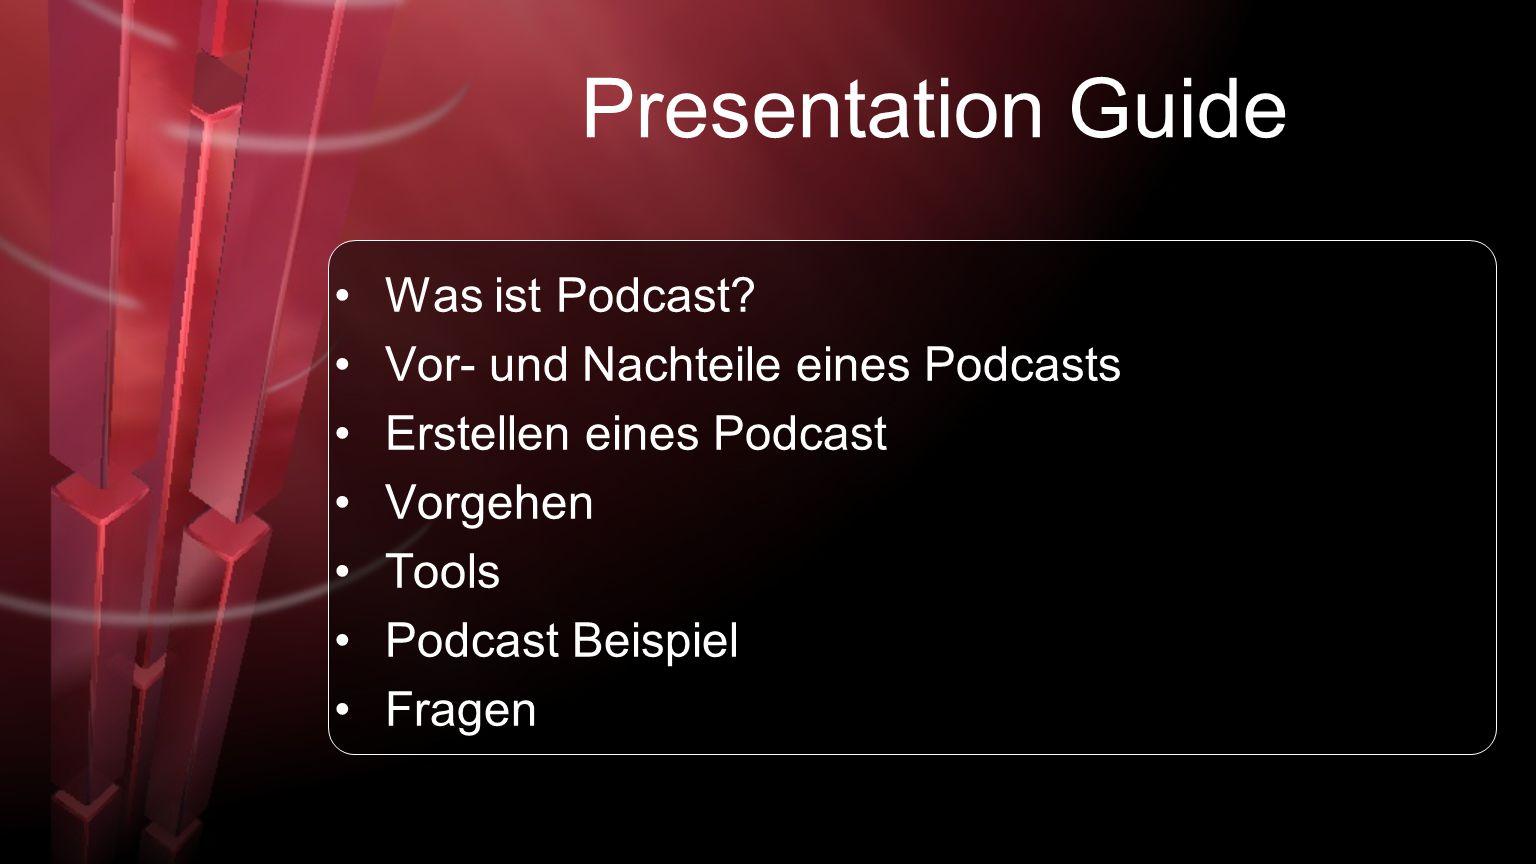 Presentation Guide Was ist Podcast? Vor- und Nachteile eines Podcasts Erstellen eines Podcast Vorgehen Tools Podcast Beispiel Fragen